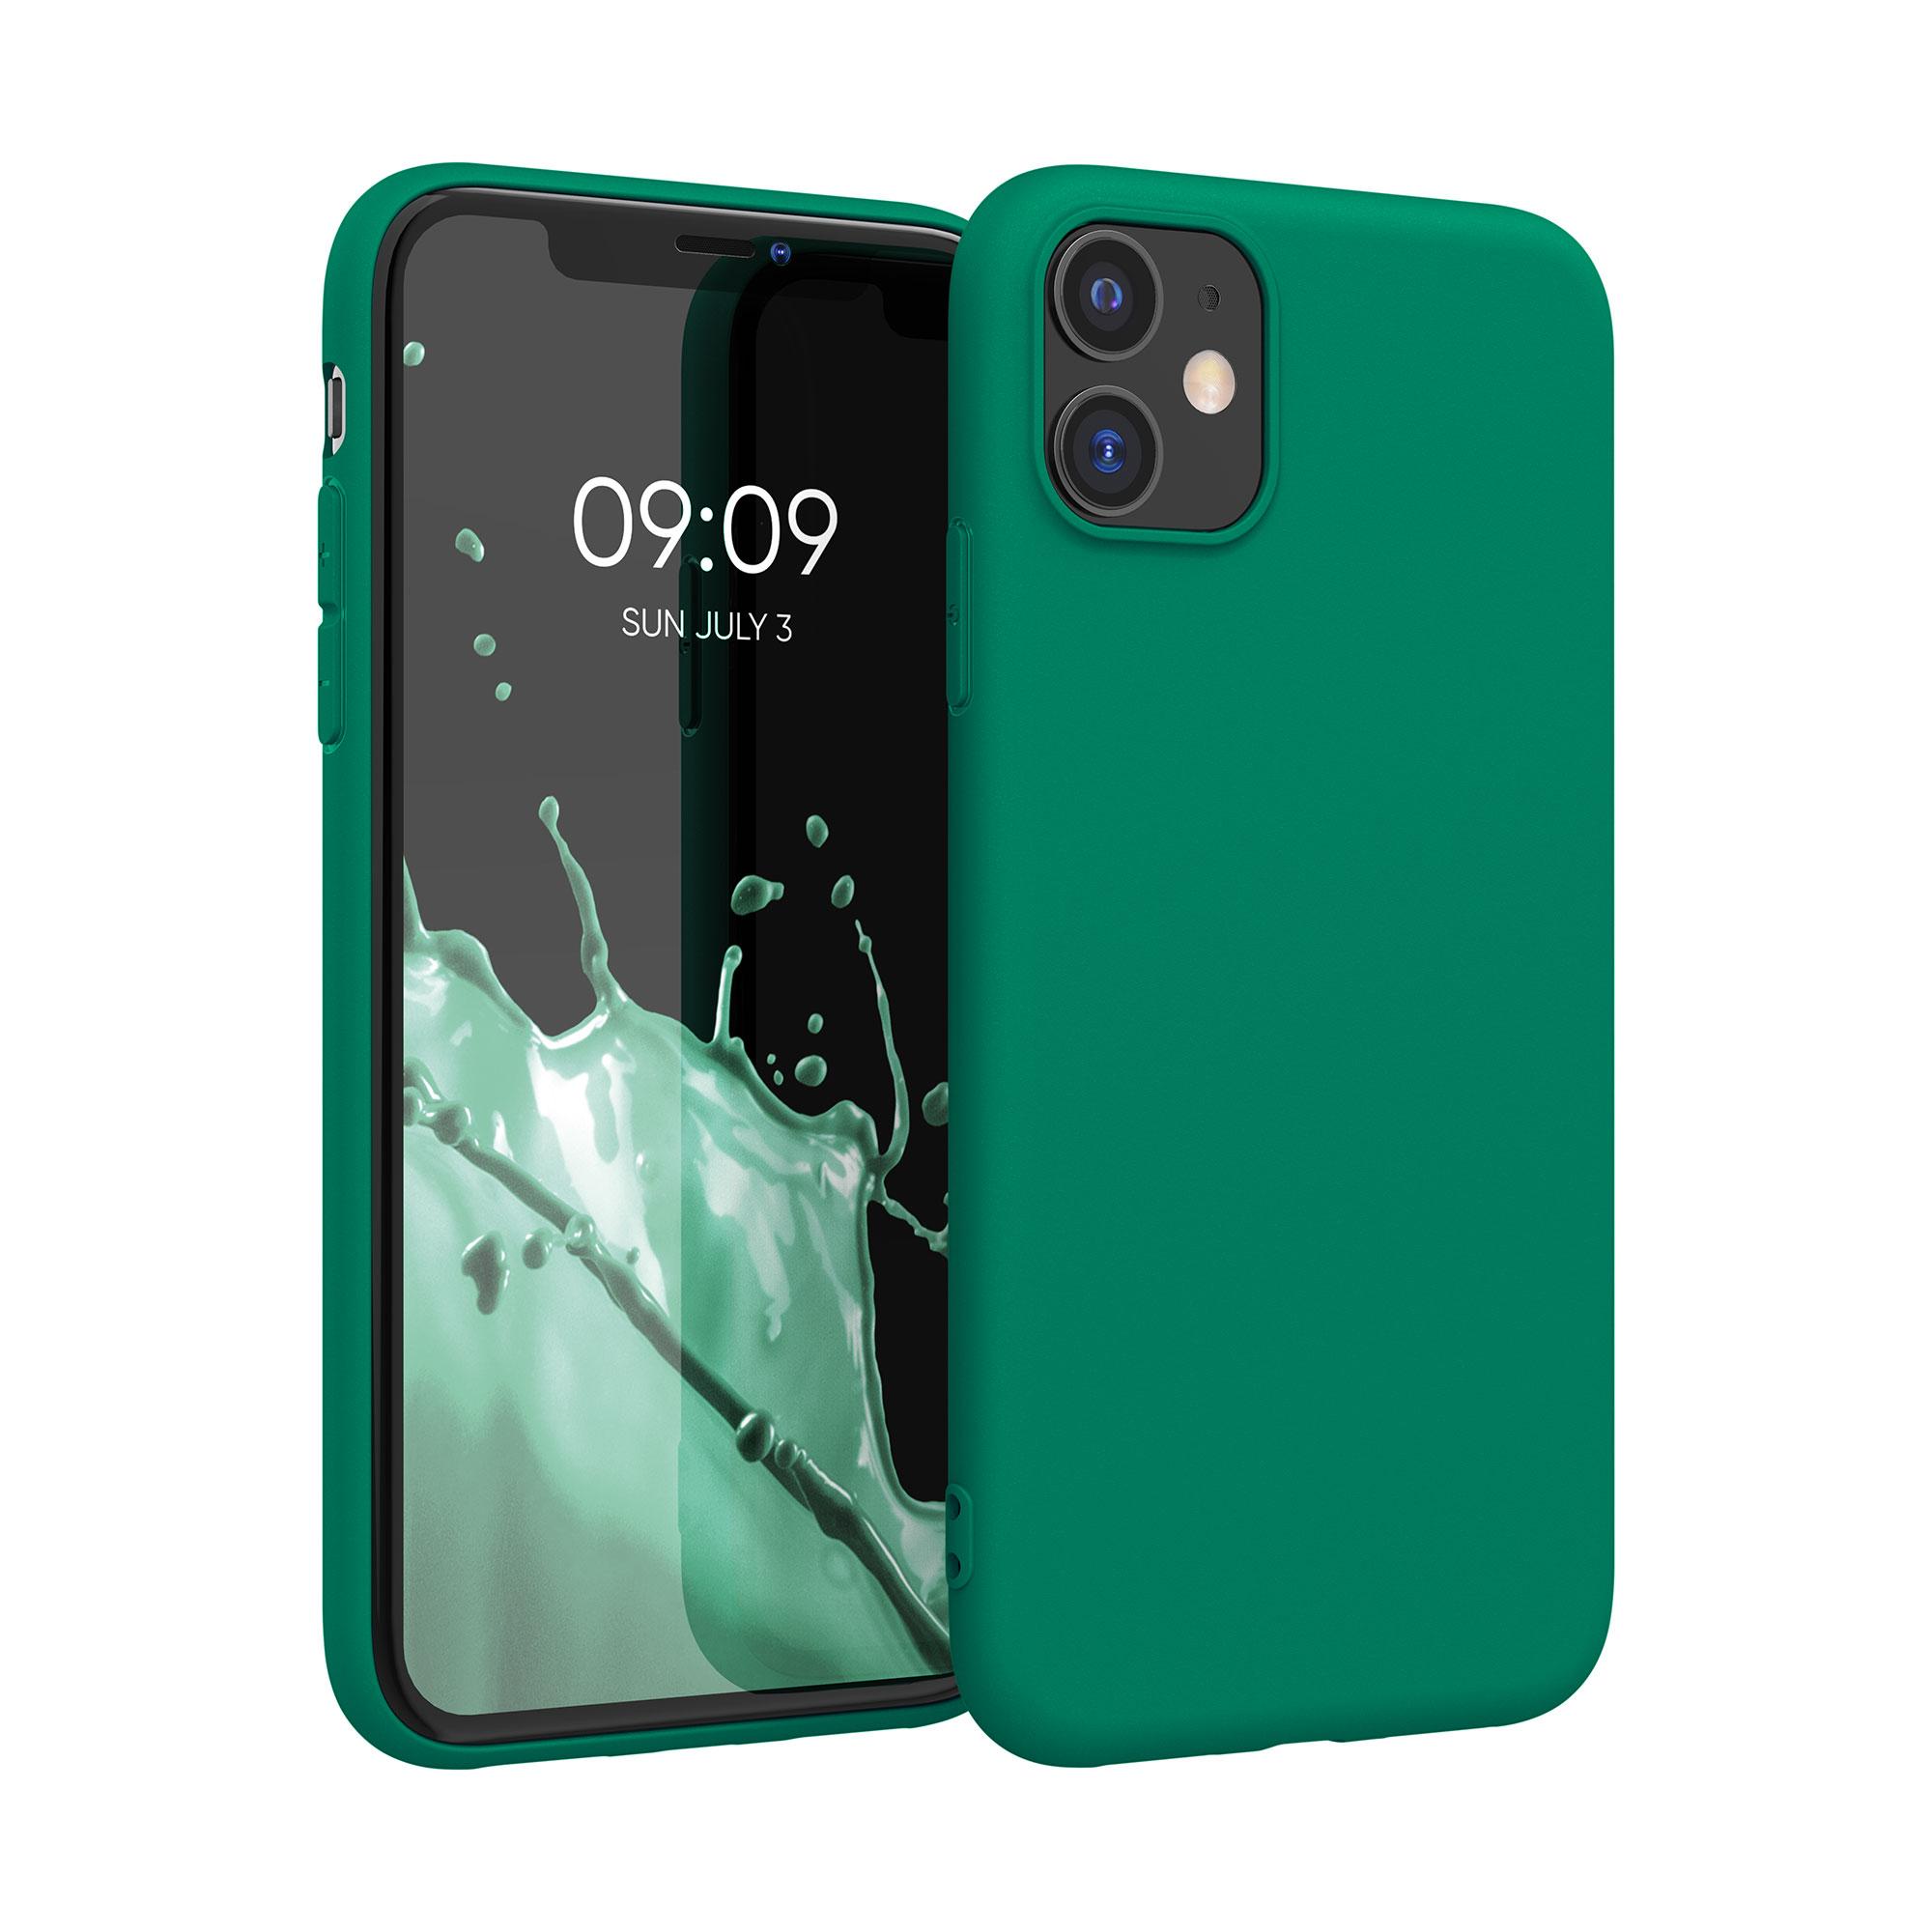 Kvalitní silikonové TPU pouzdro pro Apple iPhone 11 - Smaragdová zeleň